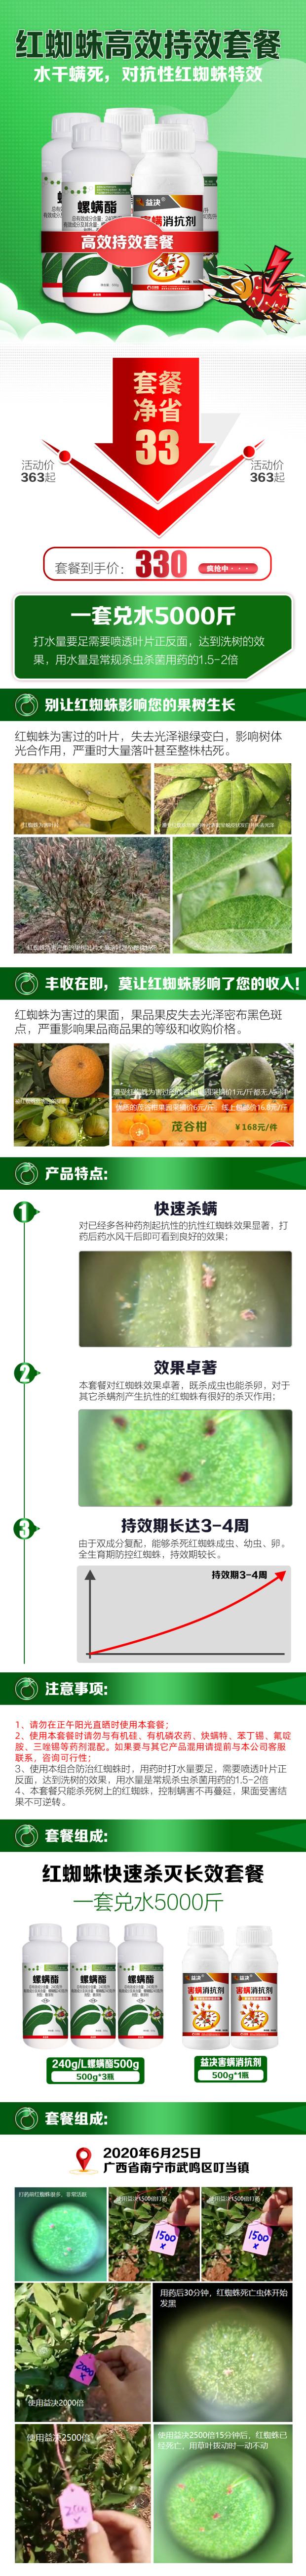 红蜘蛛高效持销.jpg